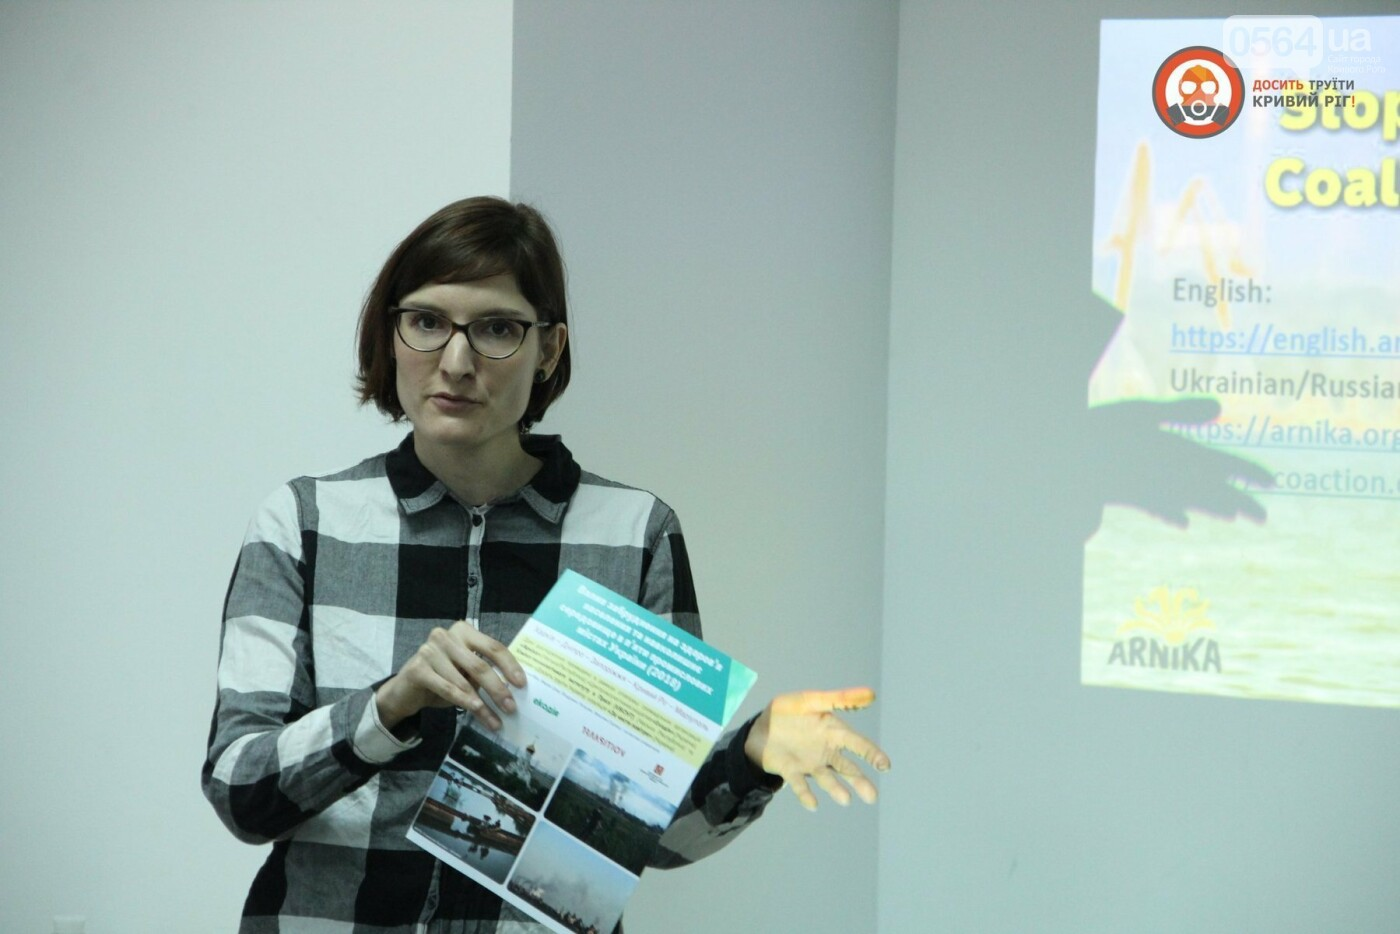 В Кривом Роге презентовали результаты исследований международной команды экологов, - ФОТО, ВИДЕО, фото-8